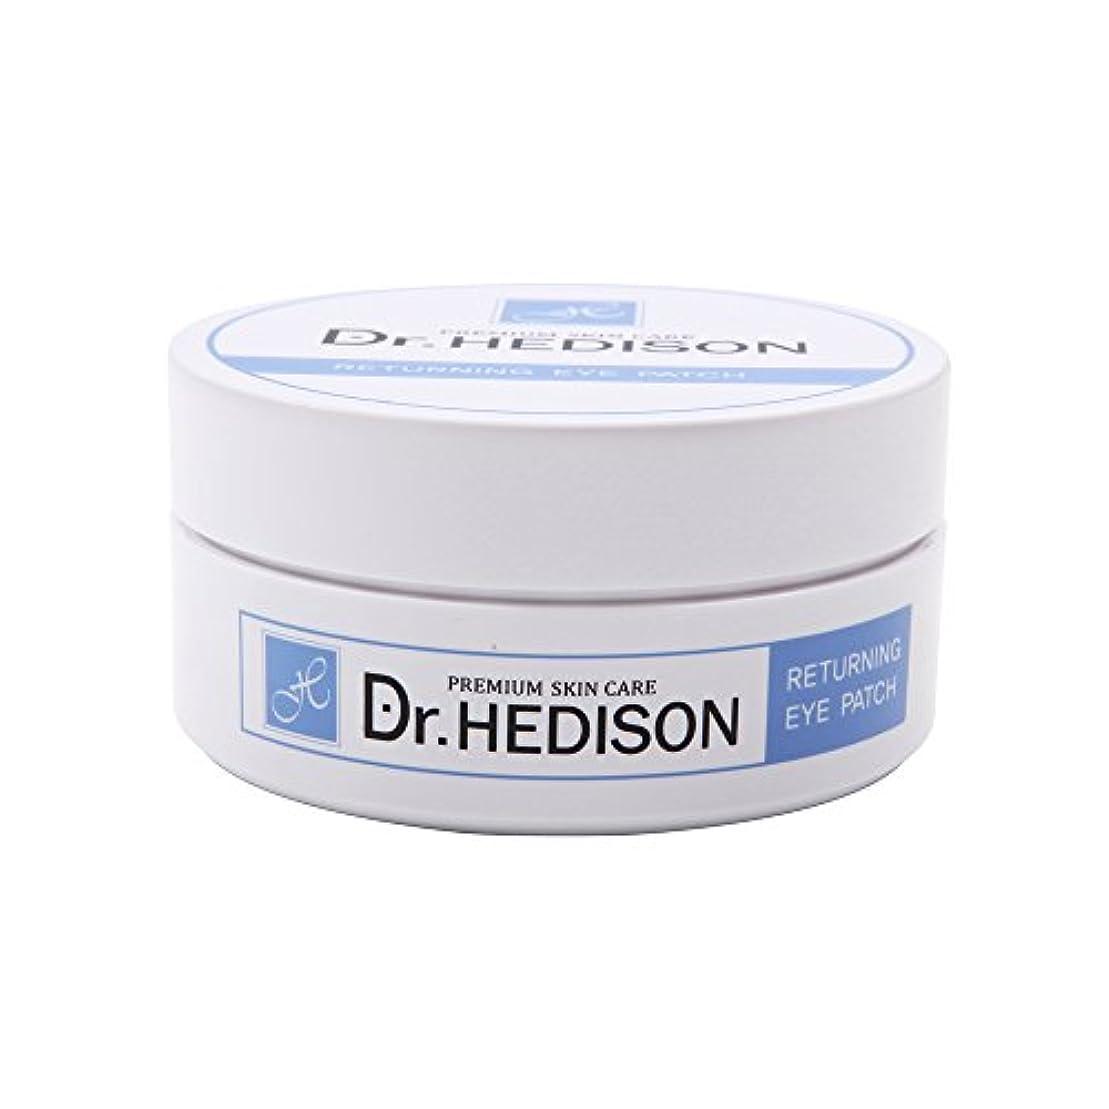 必要強化不適Dr.HEDISON Returning Eye Patch【ドクターへディソンリターニングアイパッチ】アイシート 韓国コスメ 60枚入